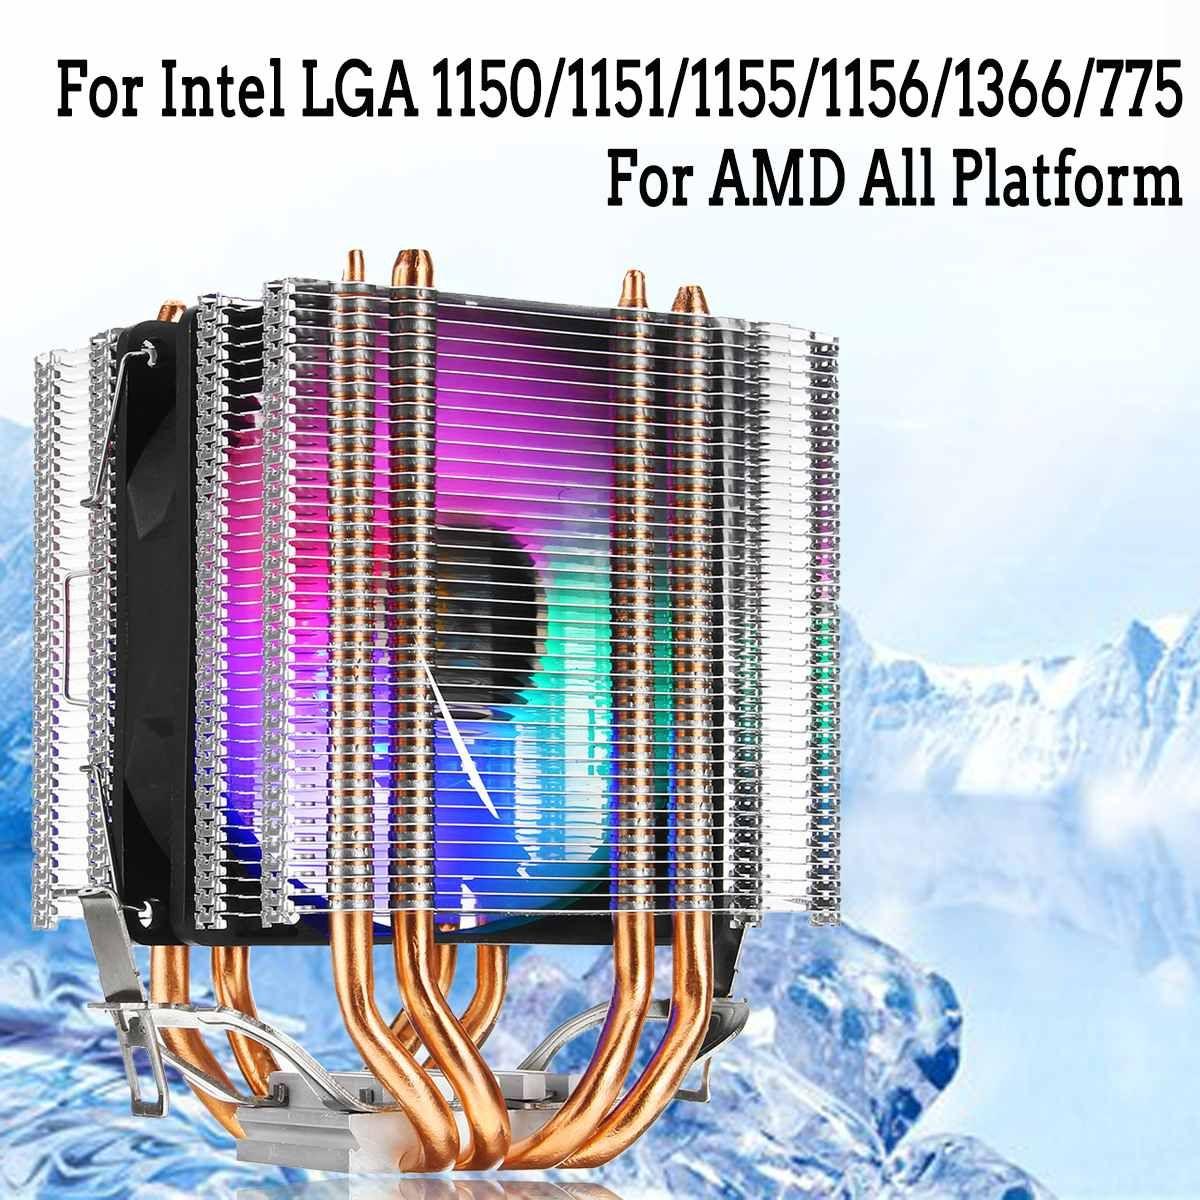 Pour Intel LAG 1155 1156 775 pour AMD Socket AM3/AM2 RGB LED ventilateur refroidisseur de processeur 4 caloduc double tour 12 V refroidisseur ventilateur de refroidissement dissipateur de chaleur